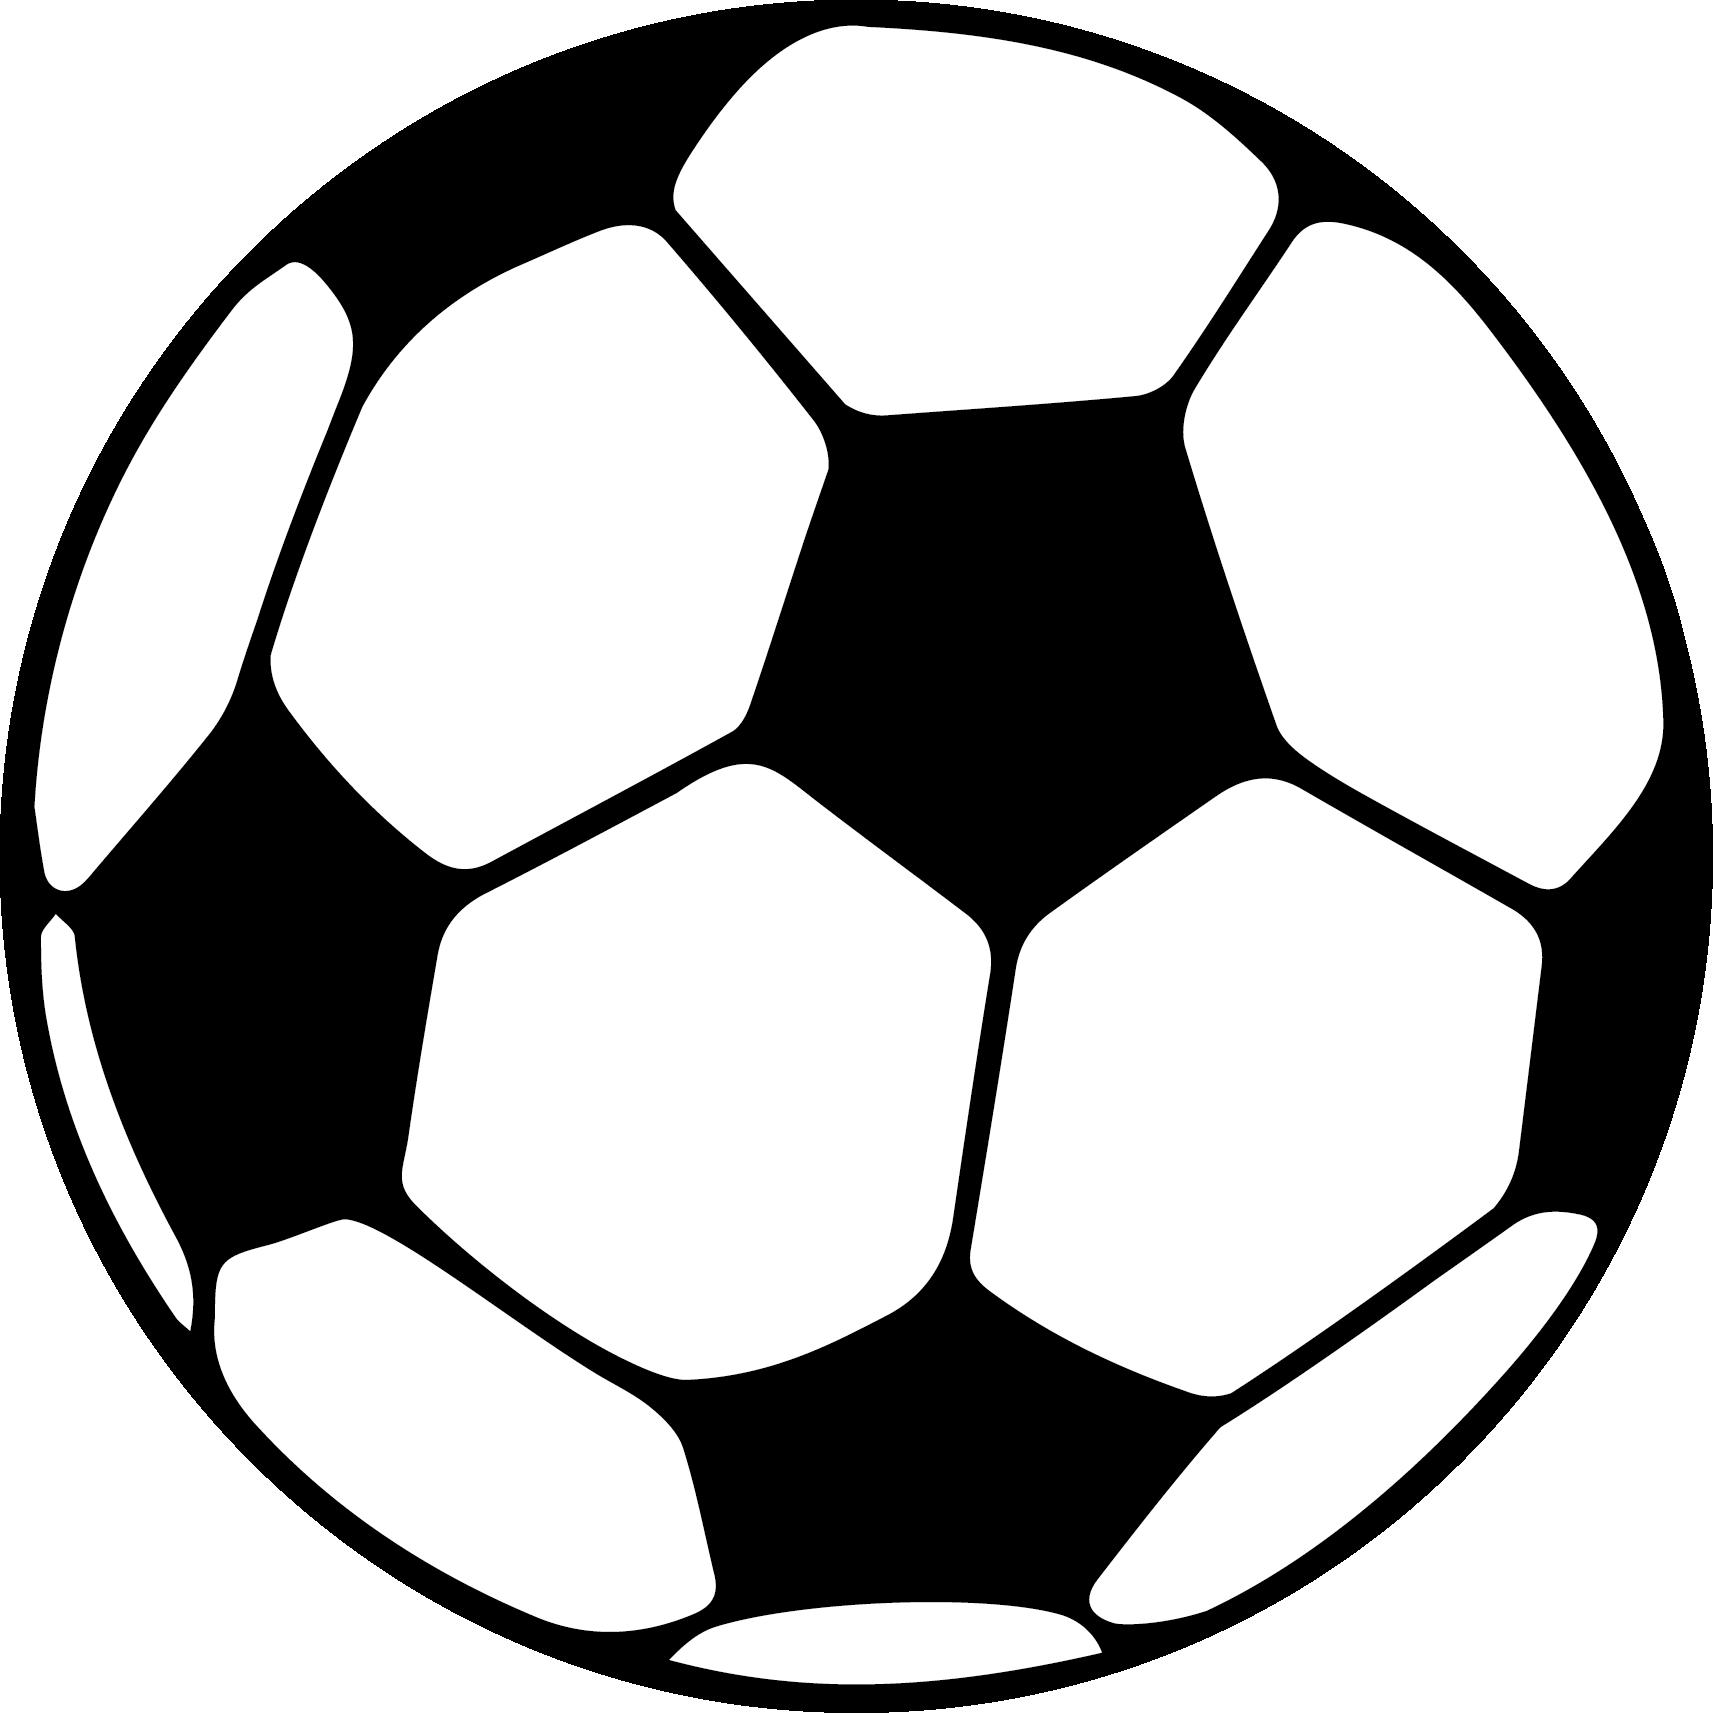 Fussball, Fußball, EM, WM